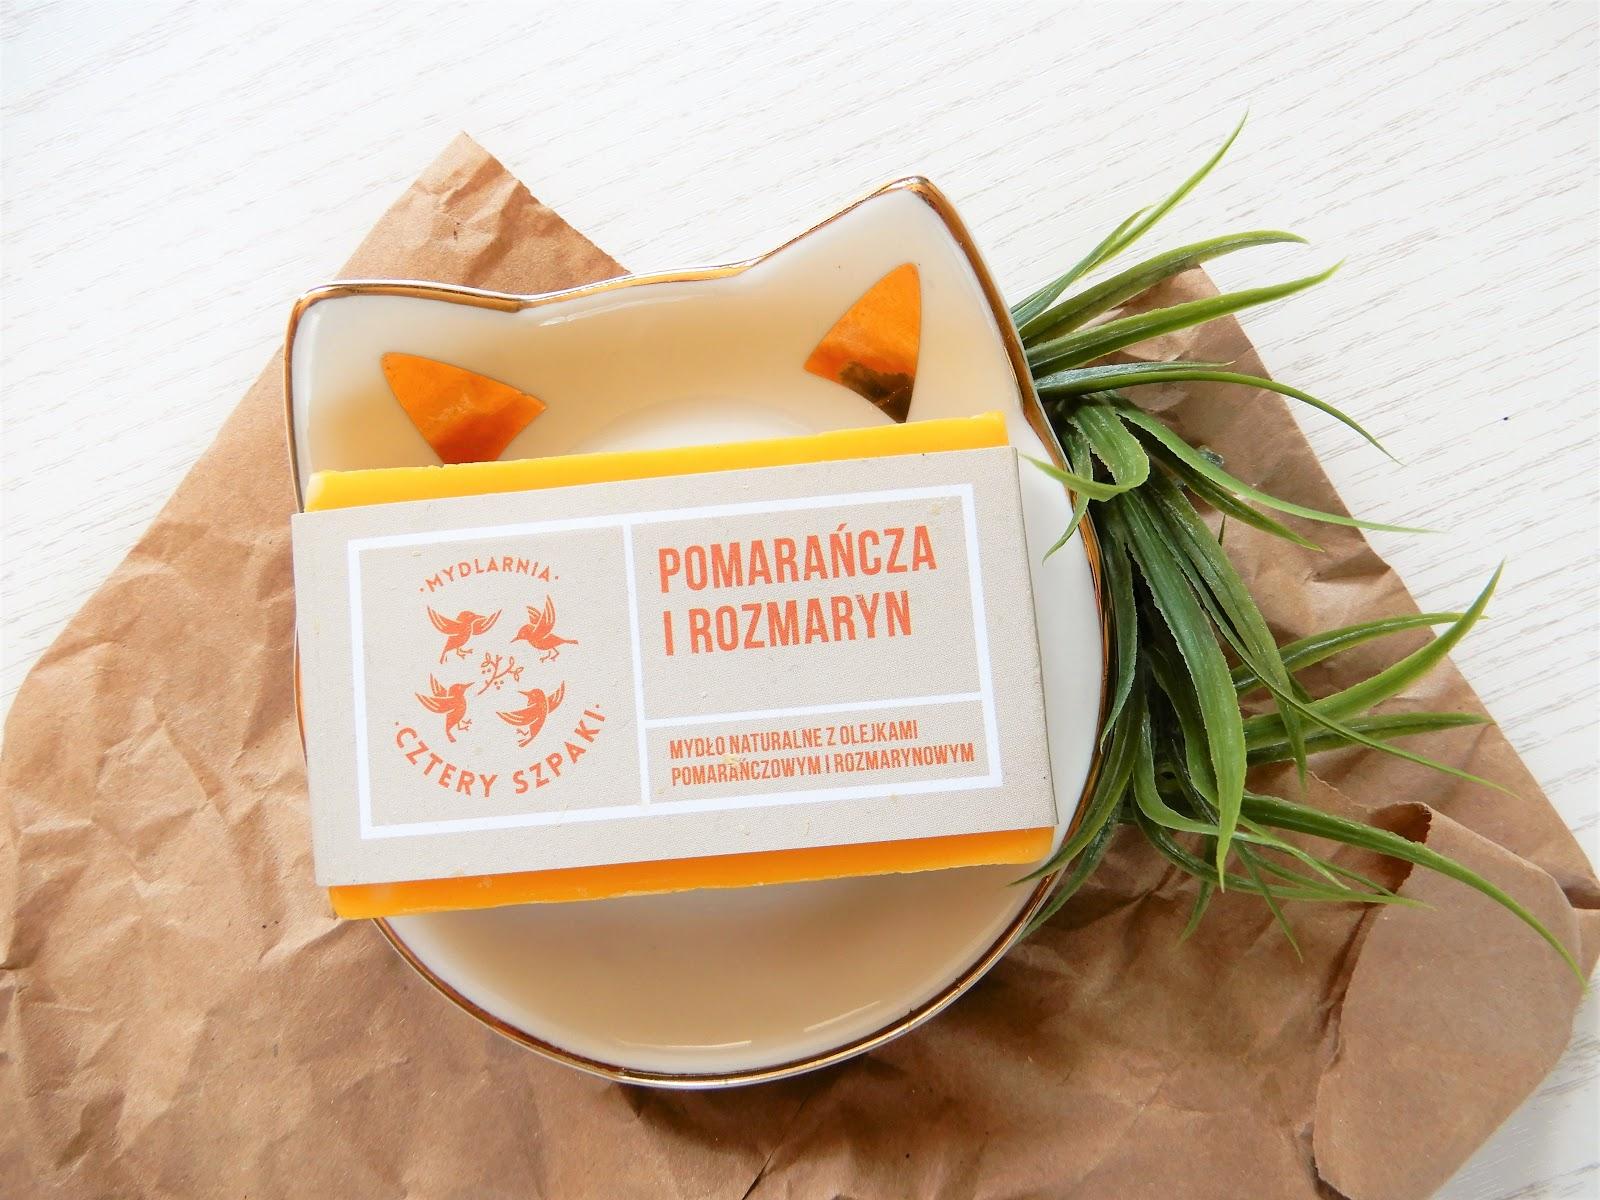 Naturalne mydło rozmaryn i pomarańcza| Cztery Szpaki